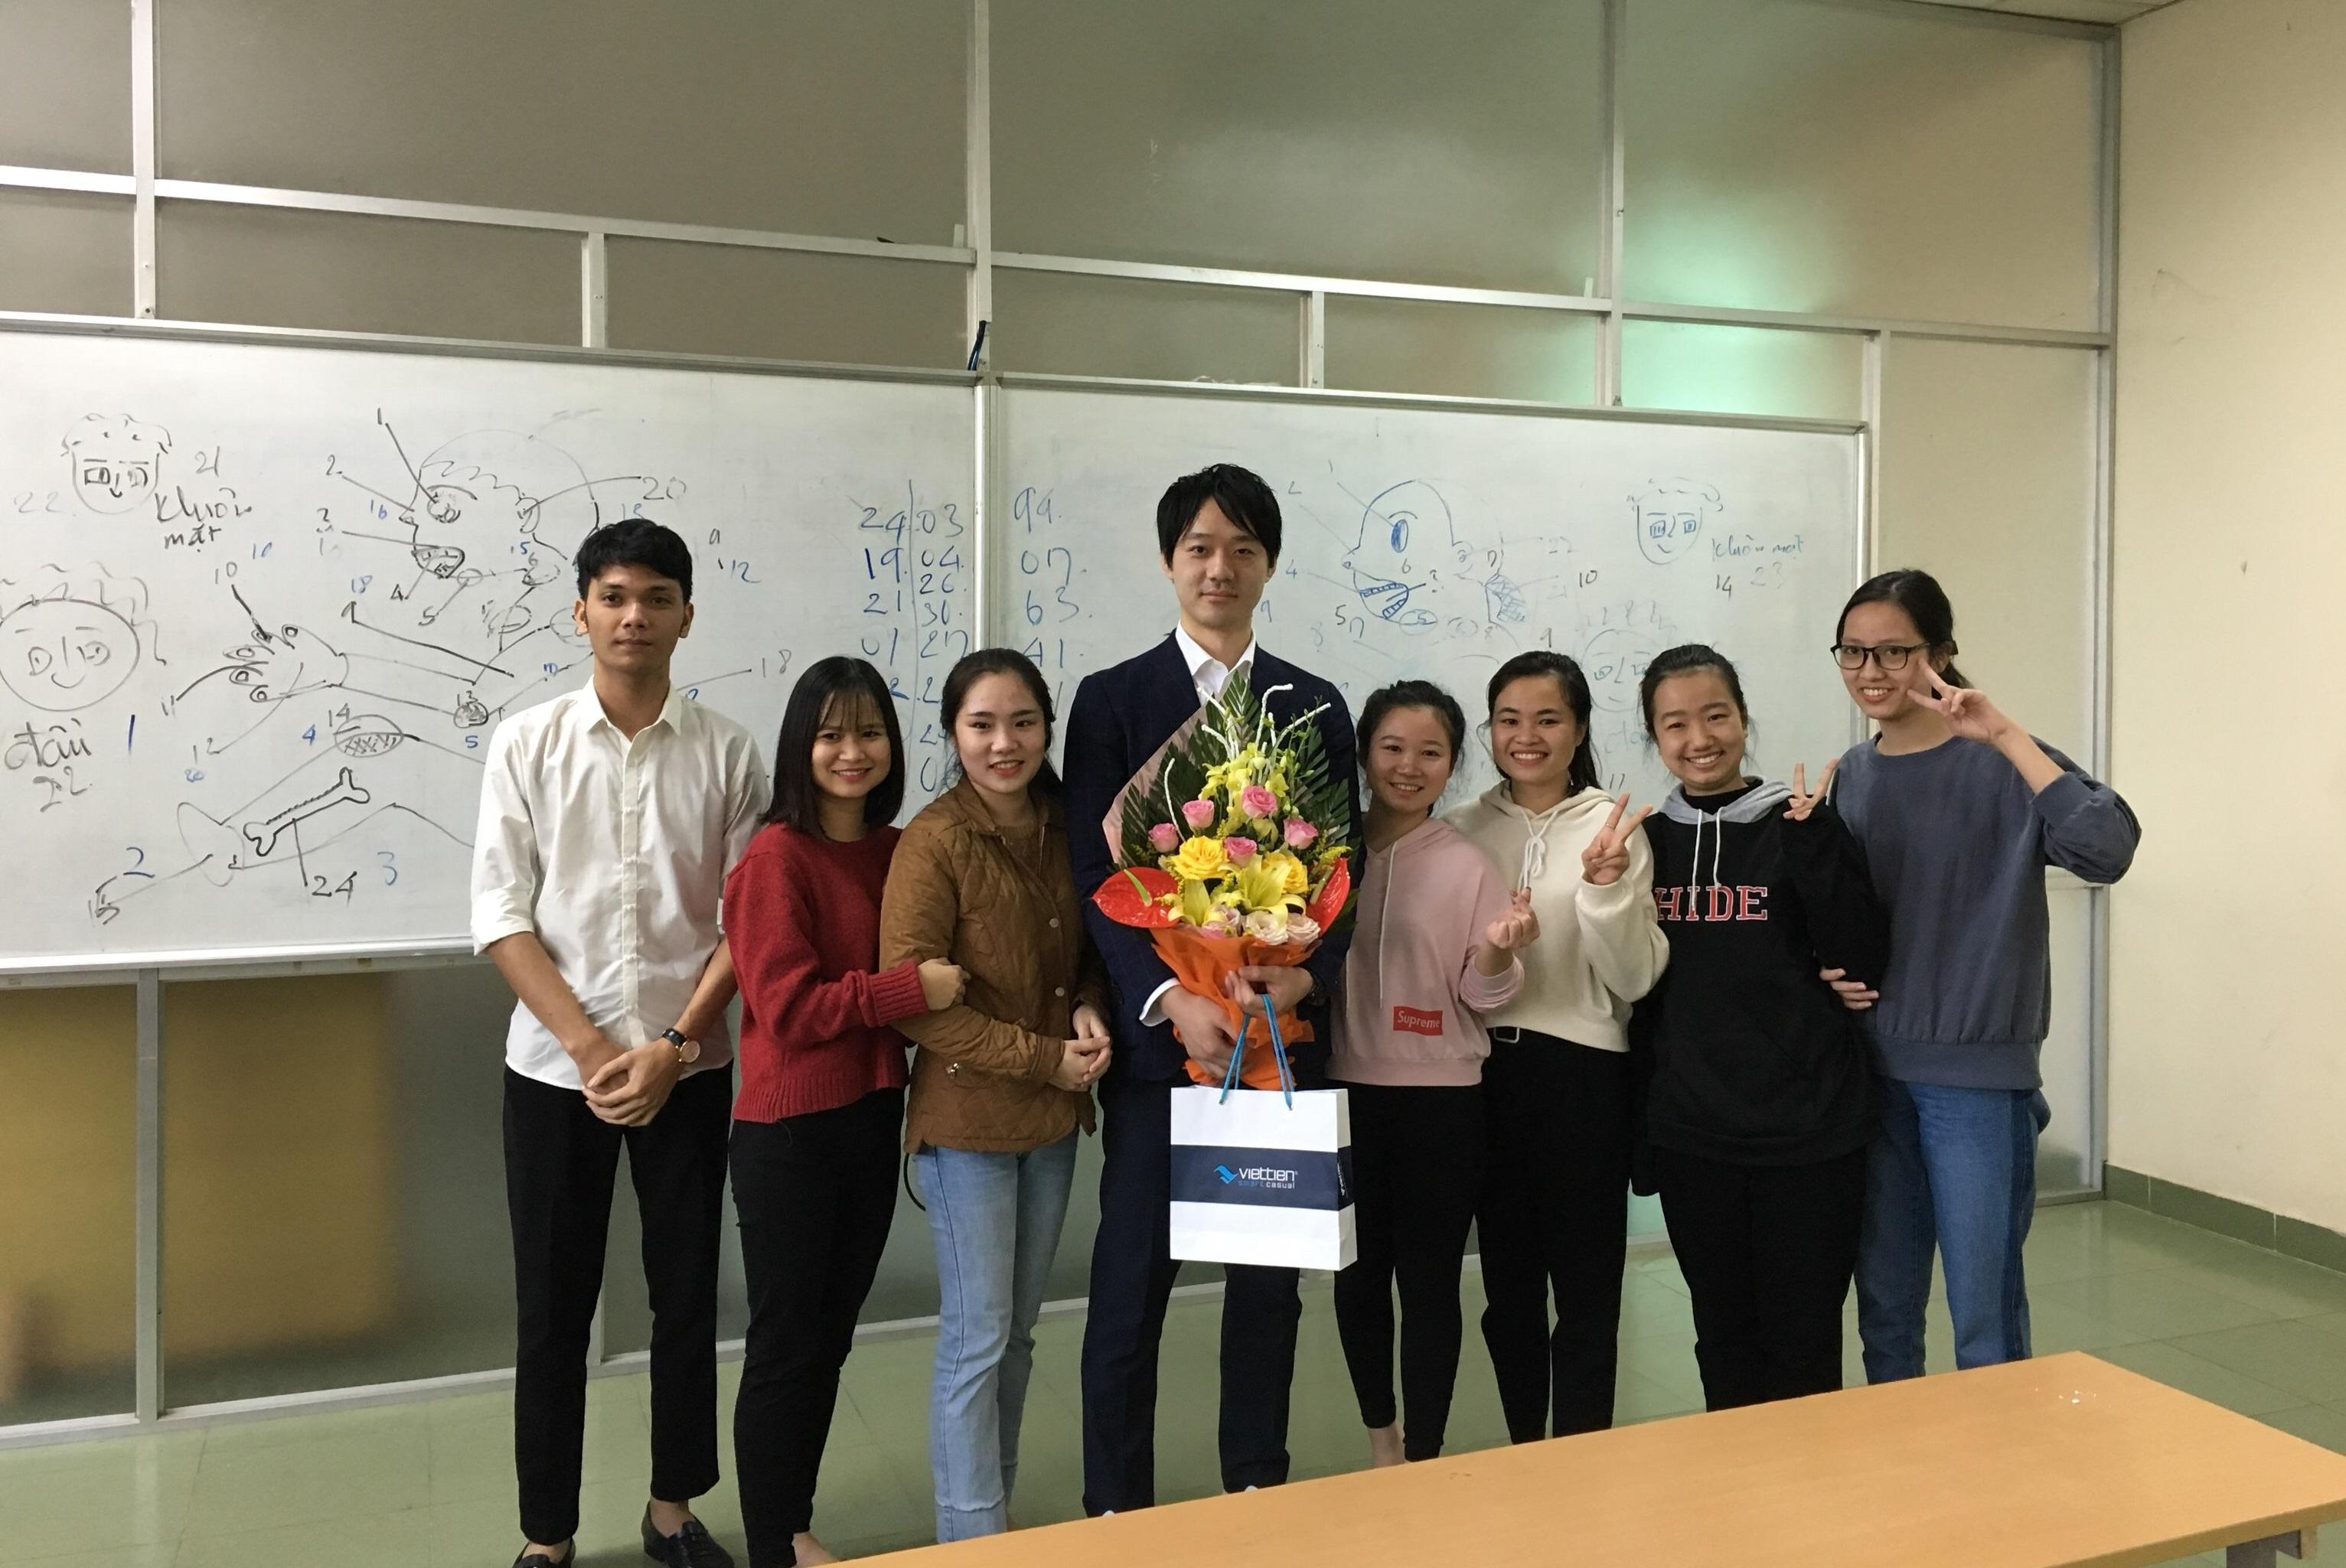 ベトナムのヴィン工業大学での日本語教育